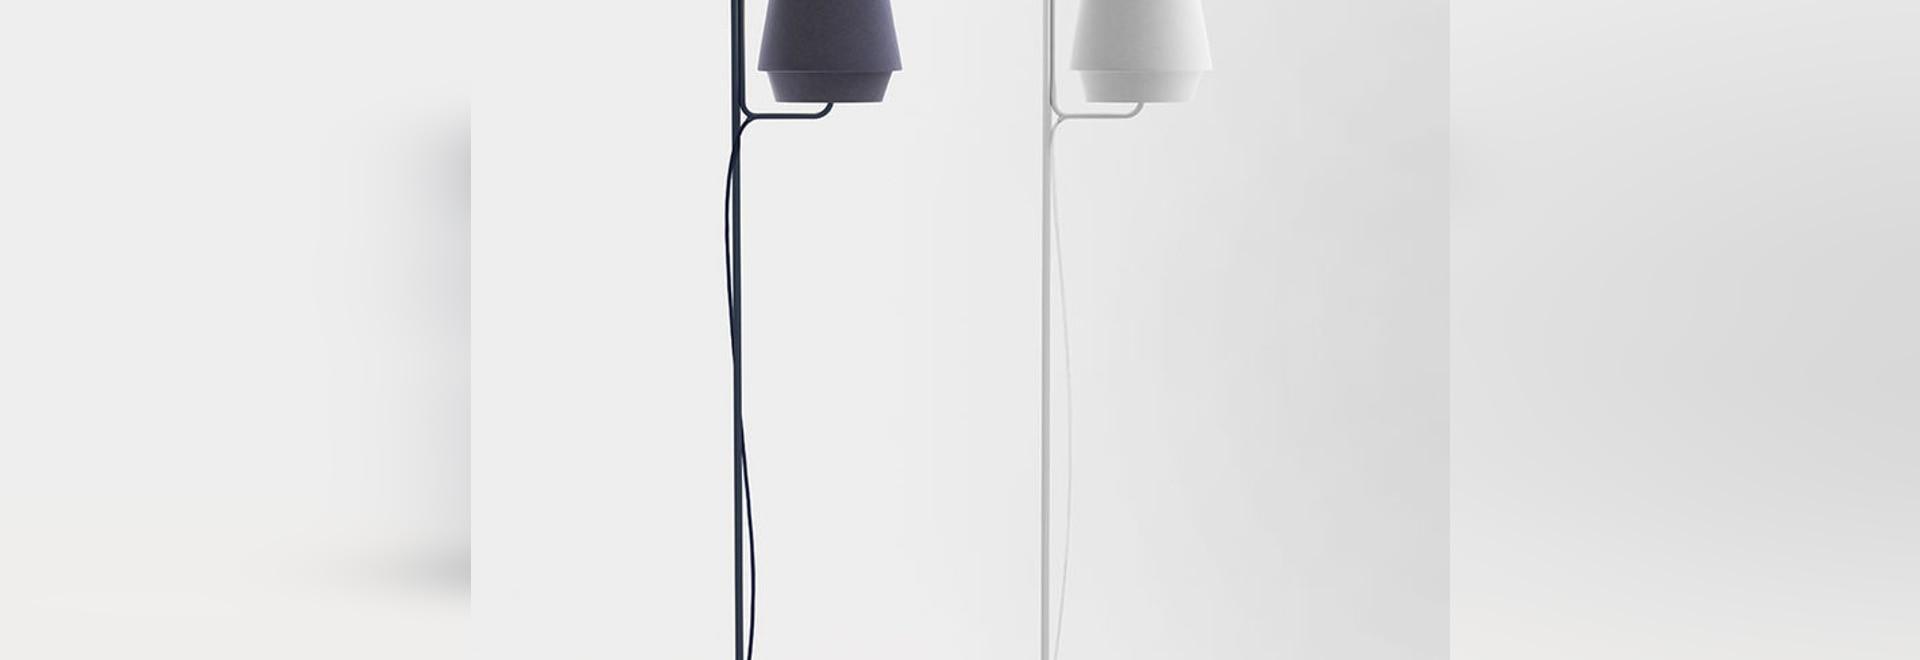 ELEMENTS floor standing lamp by ZERO